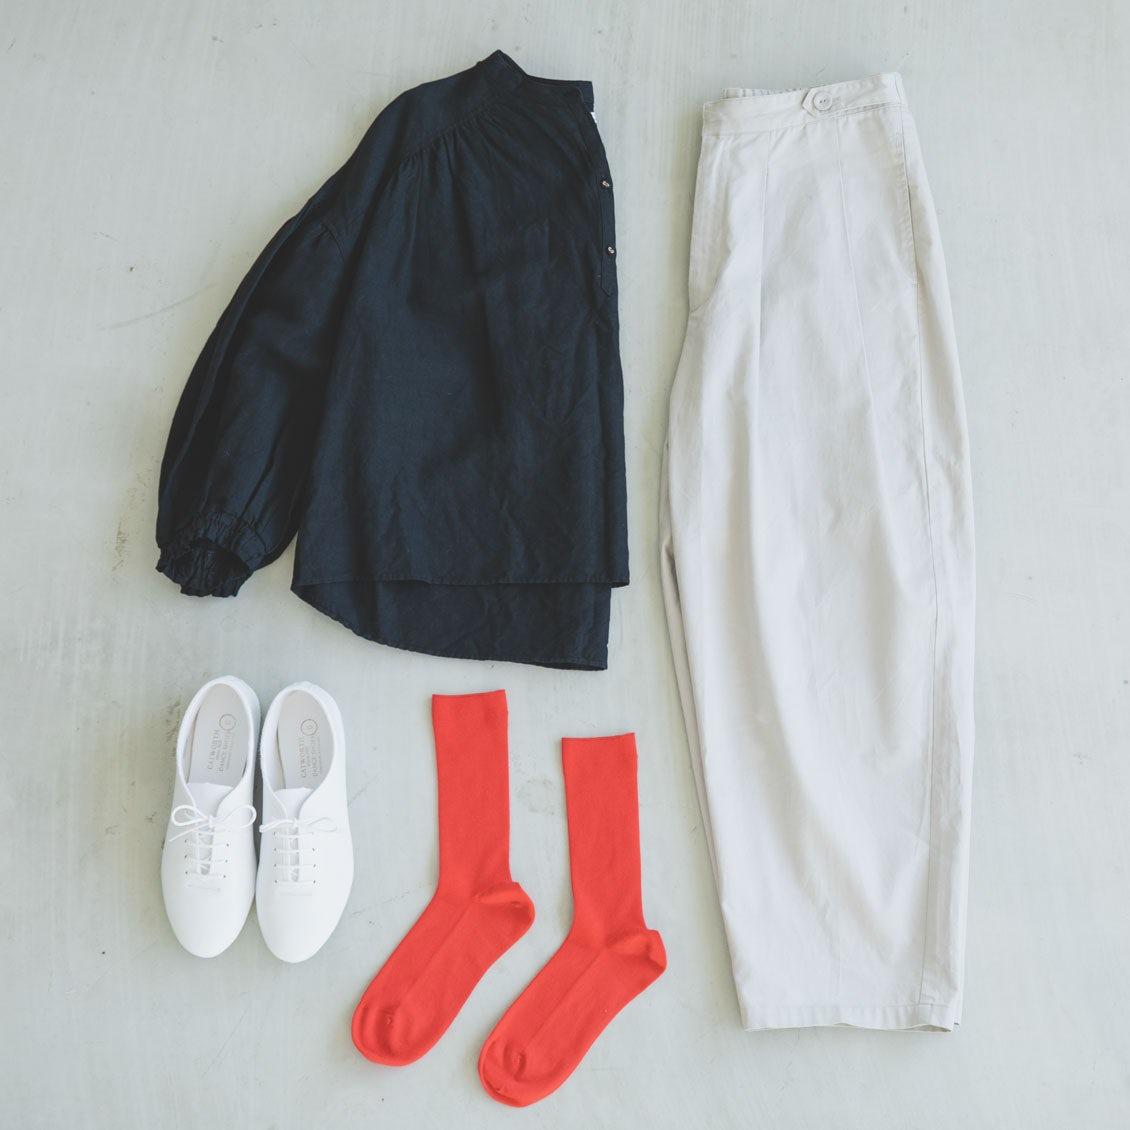 【大人の靴下マニュアル】失敗しない、色・柄ソックスの合わせ方